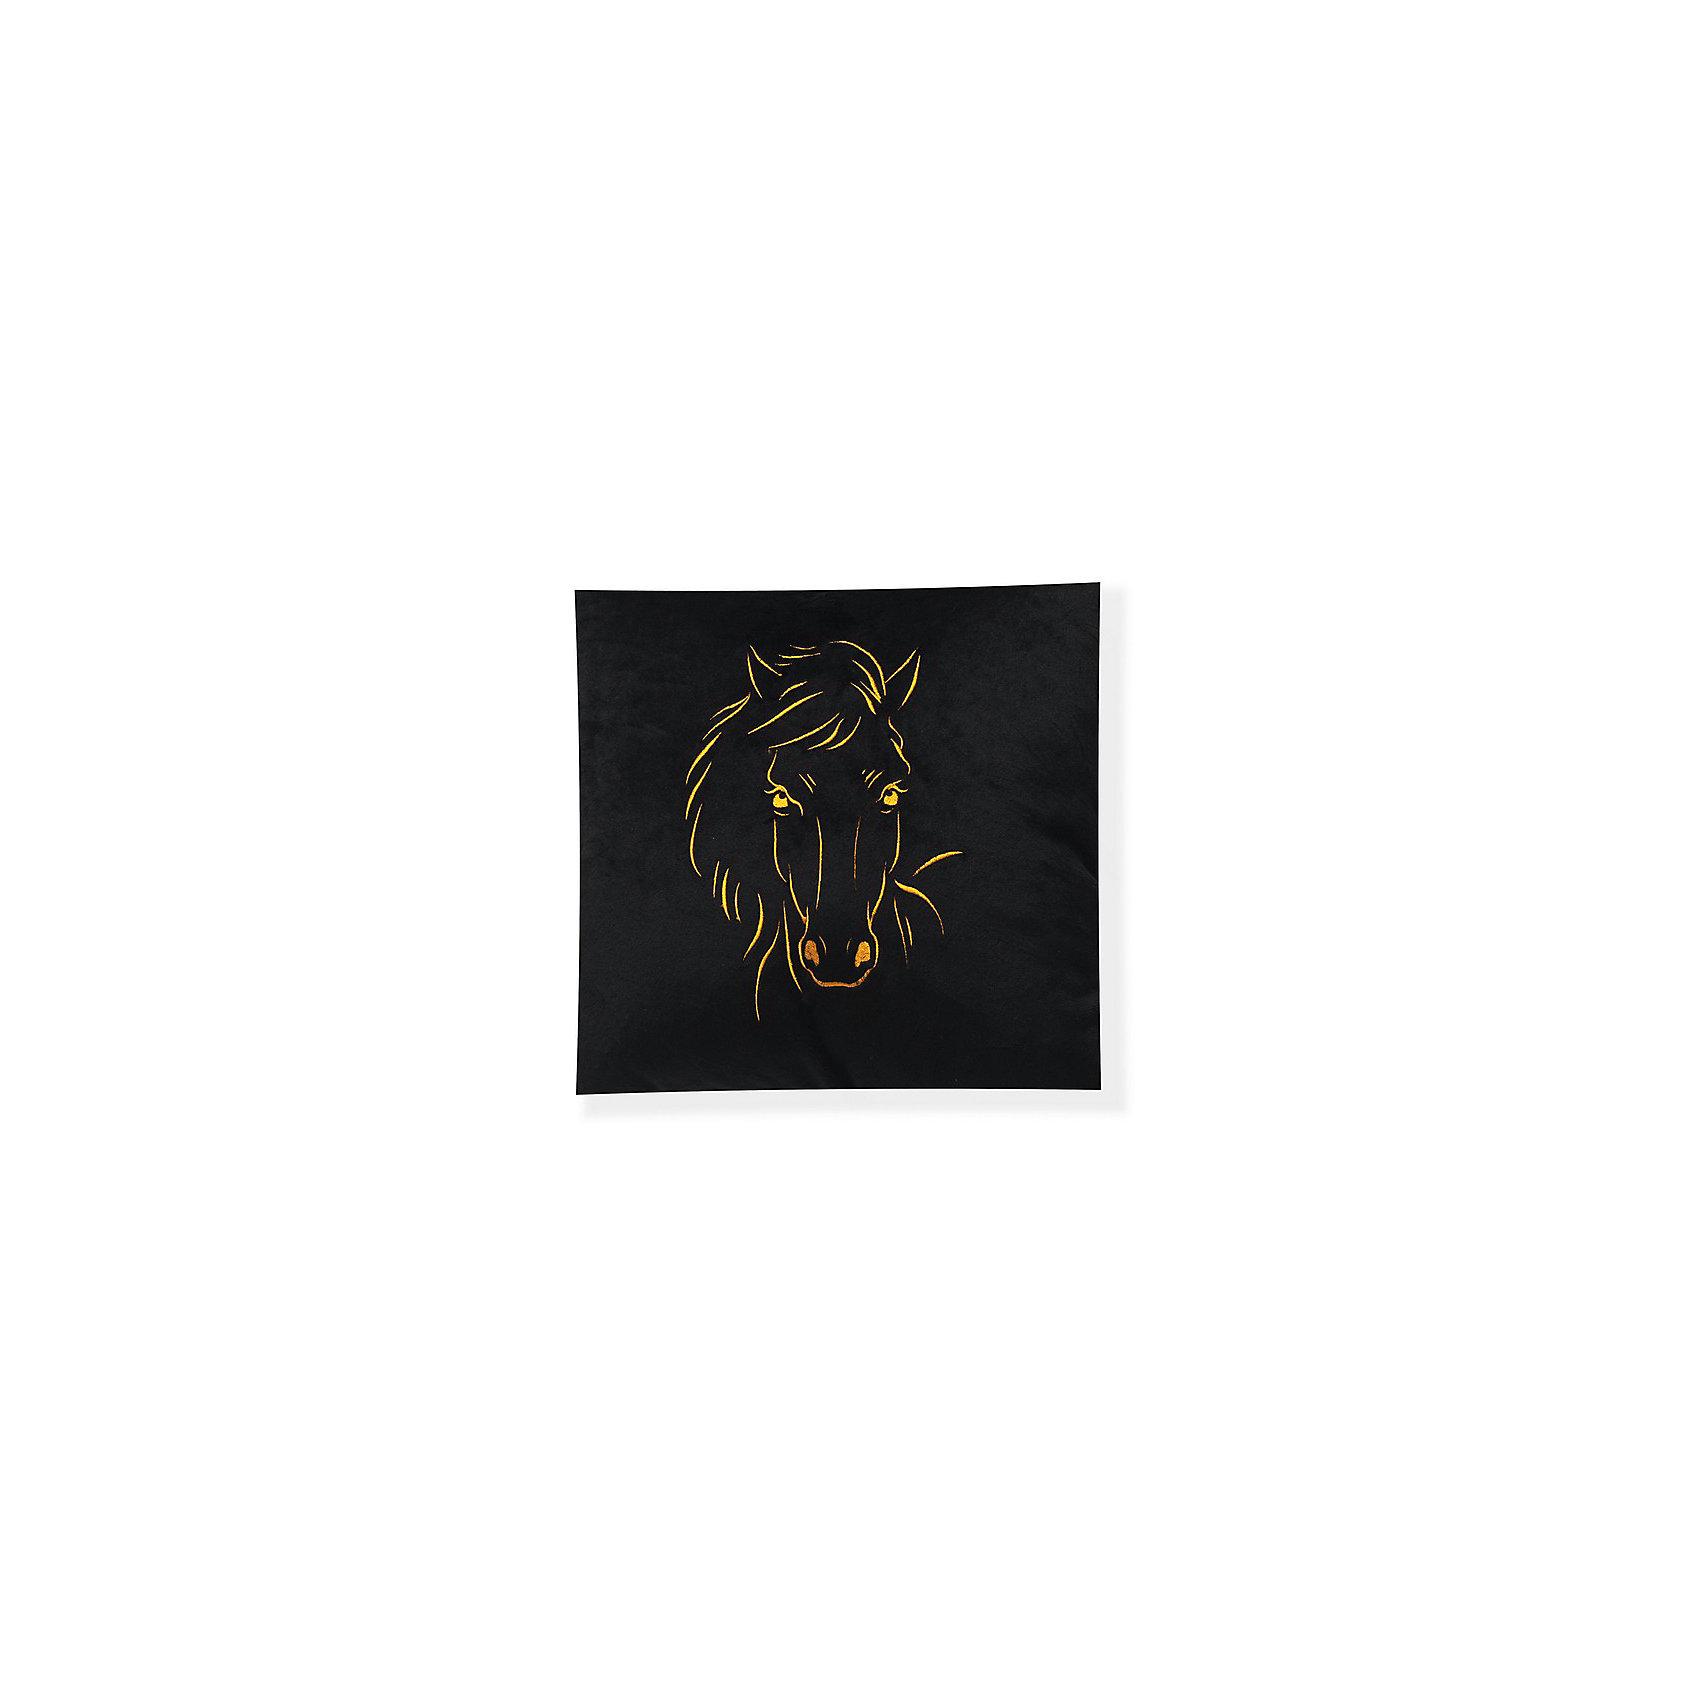 Декоративная подушка Лошадь арт. 1845, Small Toys, черныйХарактеристики товара:<br><br>• цвет: черный<br>• материал: текстиль, наполнитель<br>• размер: 31х31 см<br>• фактура: короткий искусственный мех<br>• украшена изображением лошади<br>• декоративная<br>• страна бренда: Российская Федерация<br>• страна производства: Российская Федерация<br><br>Красивая и качественная подушка может отличным подарком ребенку или взрослому. Она декорирована изображением лошади - а кто не любит этих благородных животных?! Подушка сделана из приятного на ощупь материала и мягкого наполнителя.<br>Такое изделие будет отлично смотреться в интерьерах разных стилей, добавляя в комнату уюта. Она выполнена в приятной расцветке. Швы хорошо проработаны. Изделие произведено из сертифицированных материалов, безопасных для детей.<br><br>Декоративную подушку Лошадь арт. 1845 от бренда Small Toys можно купить в нашем интернет-магазине.<br><br>Ширина мм: 160<br>Глубина мм: 350<br>Высота мм: 350<br>Вес г: 430<br>Возраст от месяцев: 36<br>Возраст до месяцев: 72<br>Пол: Унисекс<br>Возраст: Детский<br>SKU: 5272899